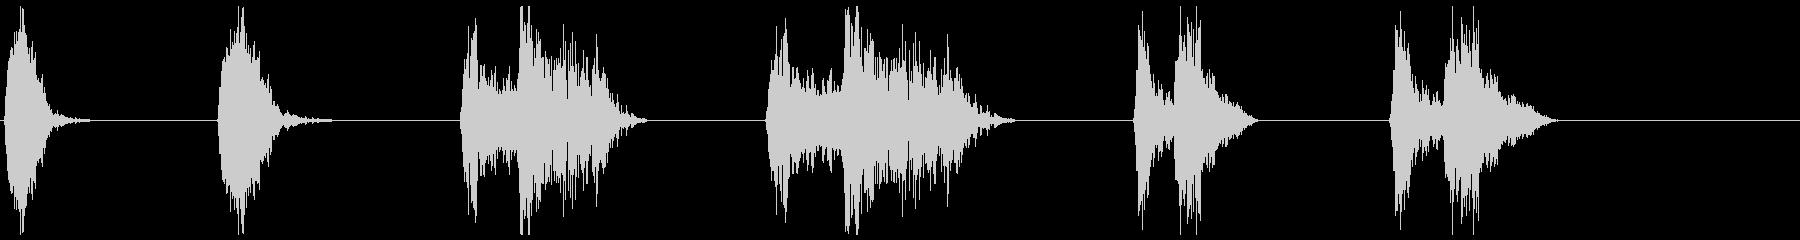 モンスター、タイプ3、Ro音X6の未再生の波形